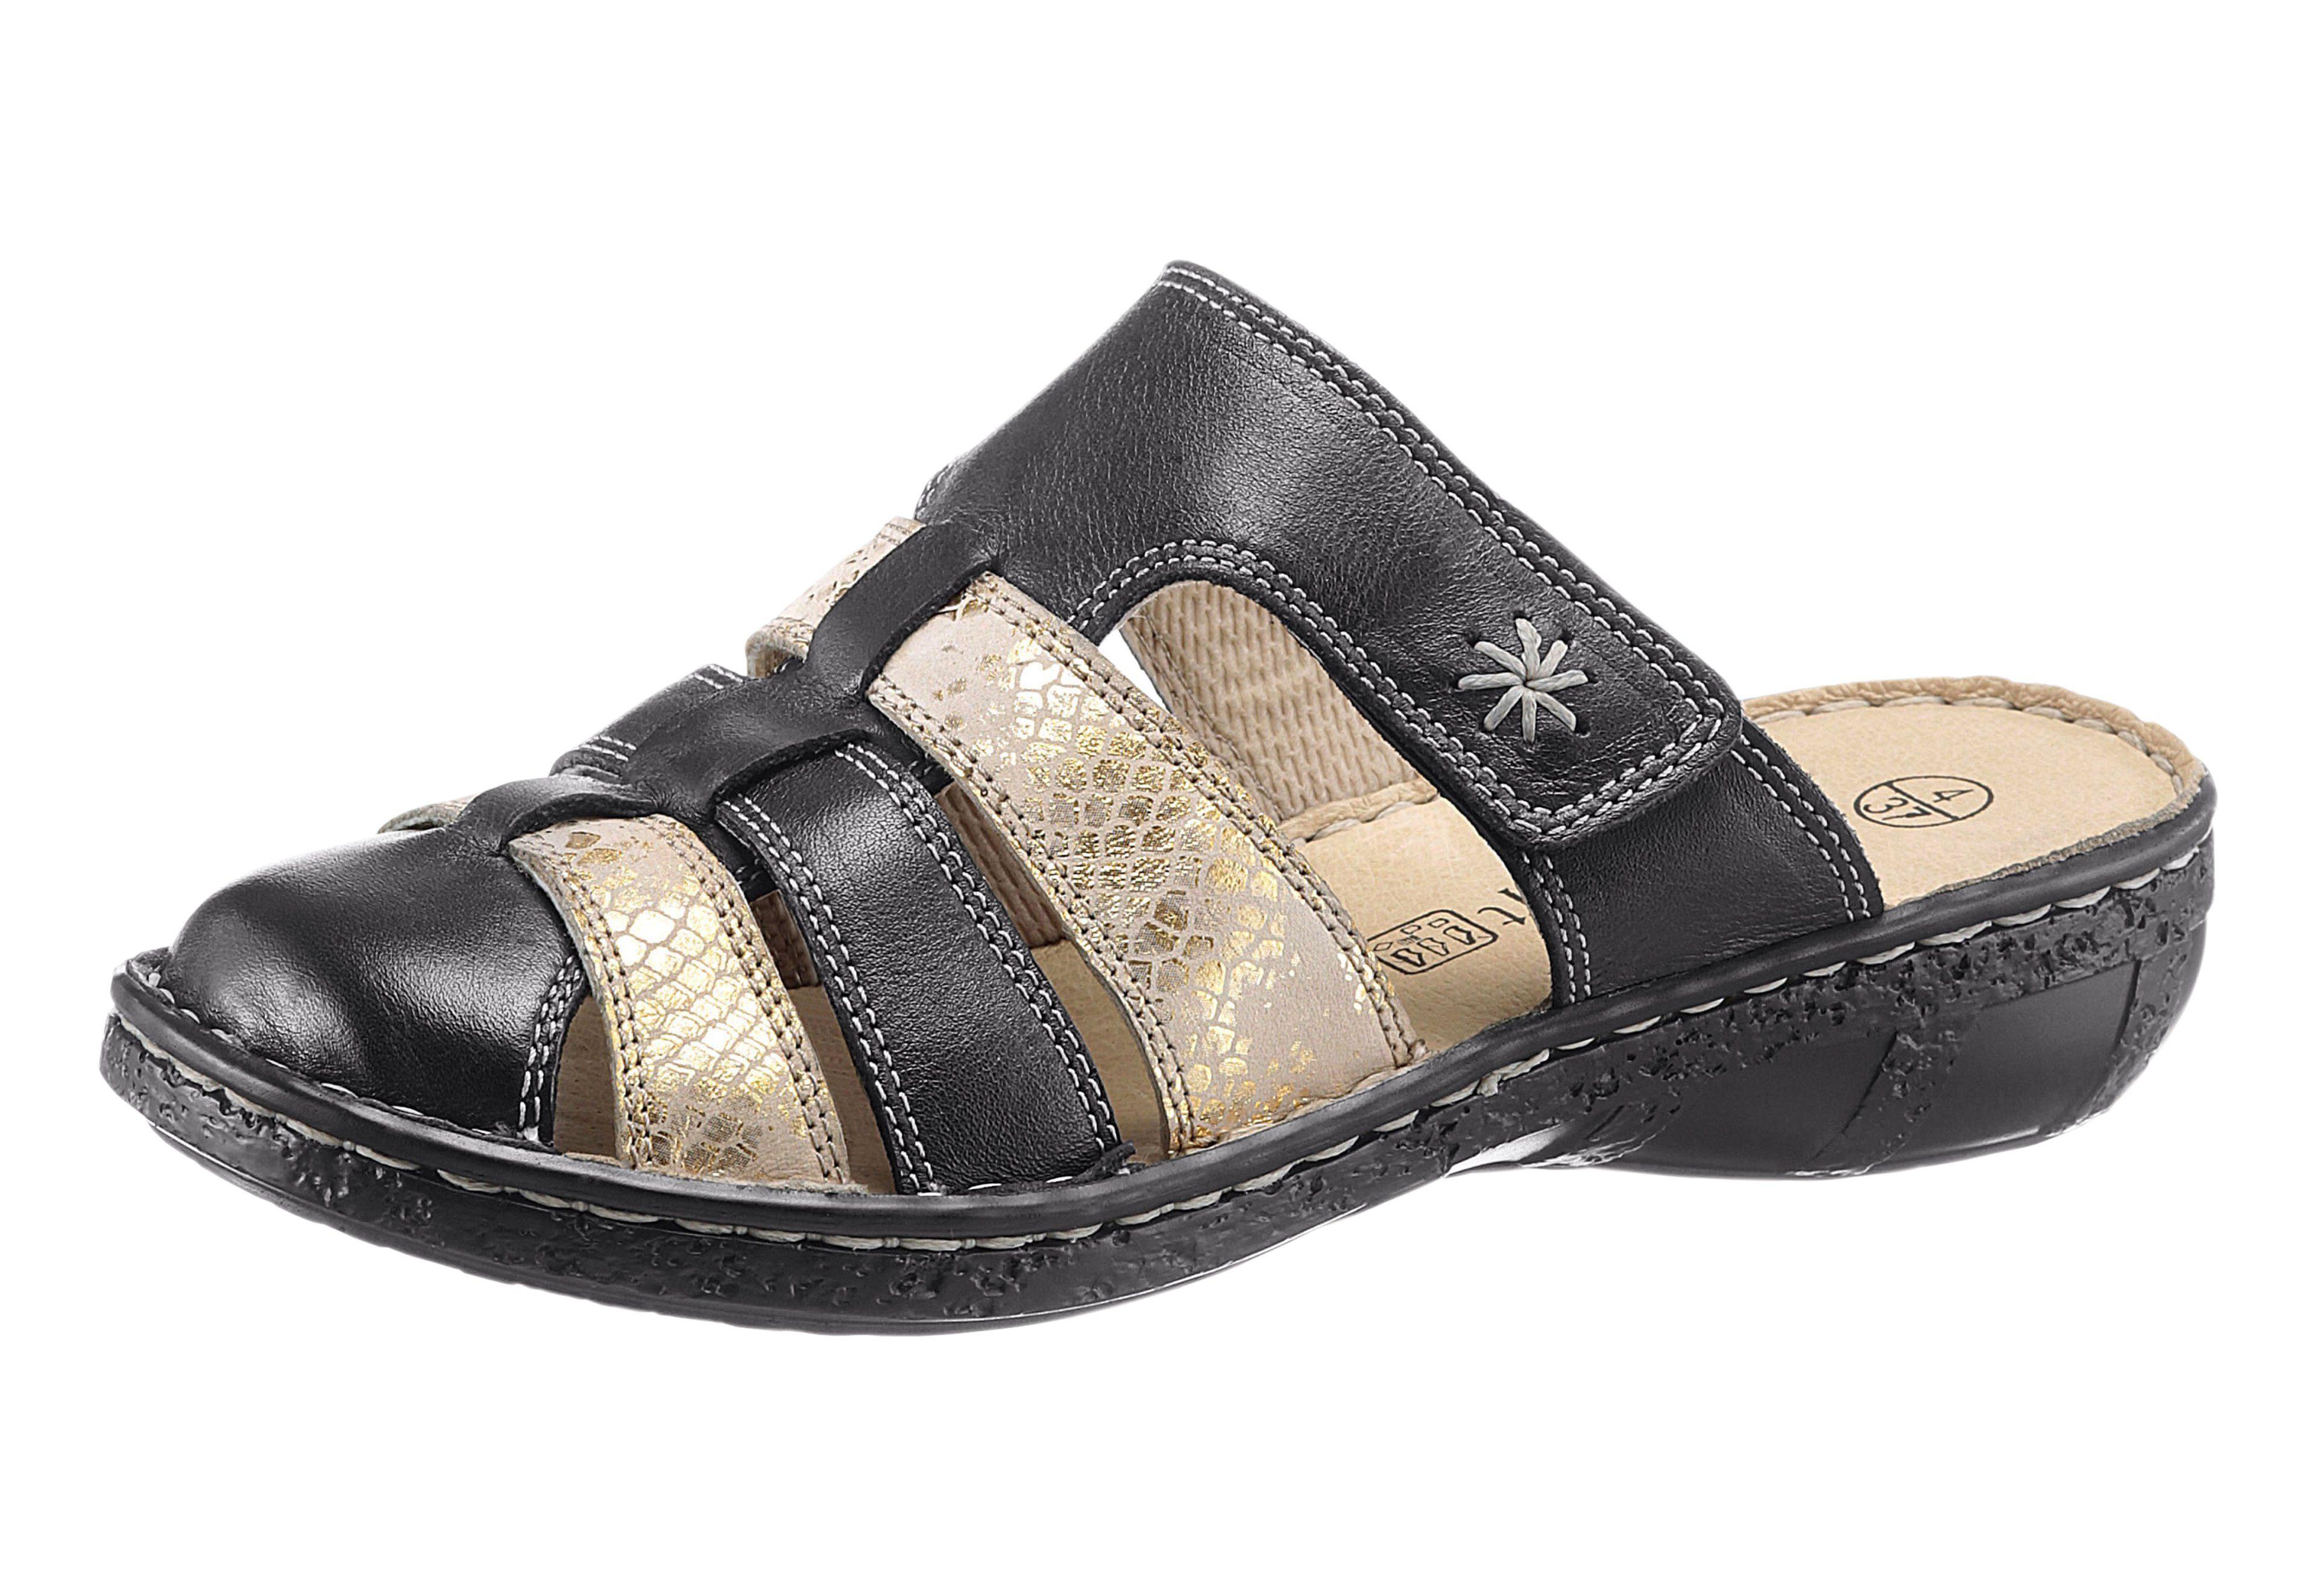 Airsoft Pantolette mit PU-Laufsohle online kaufen  schwarz-beige